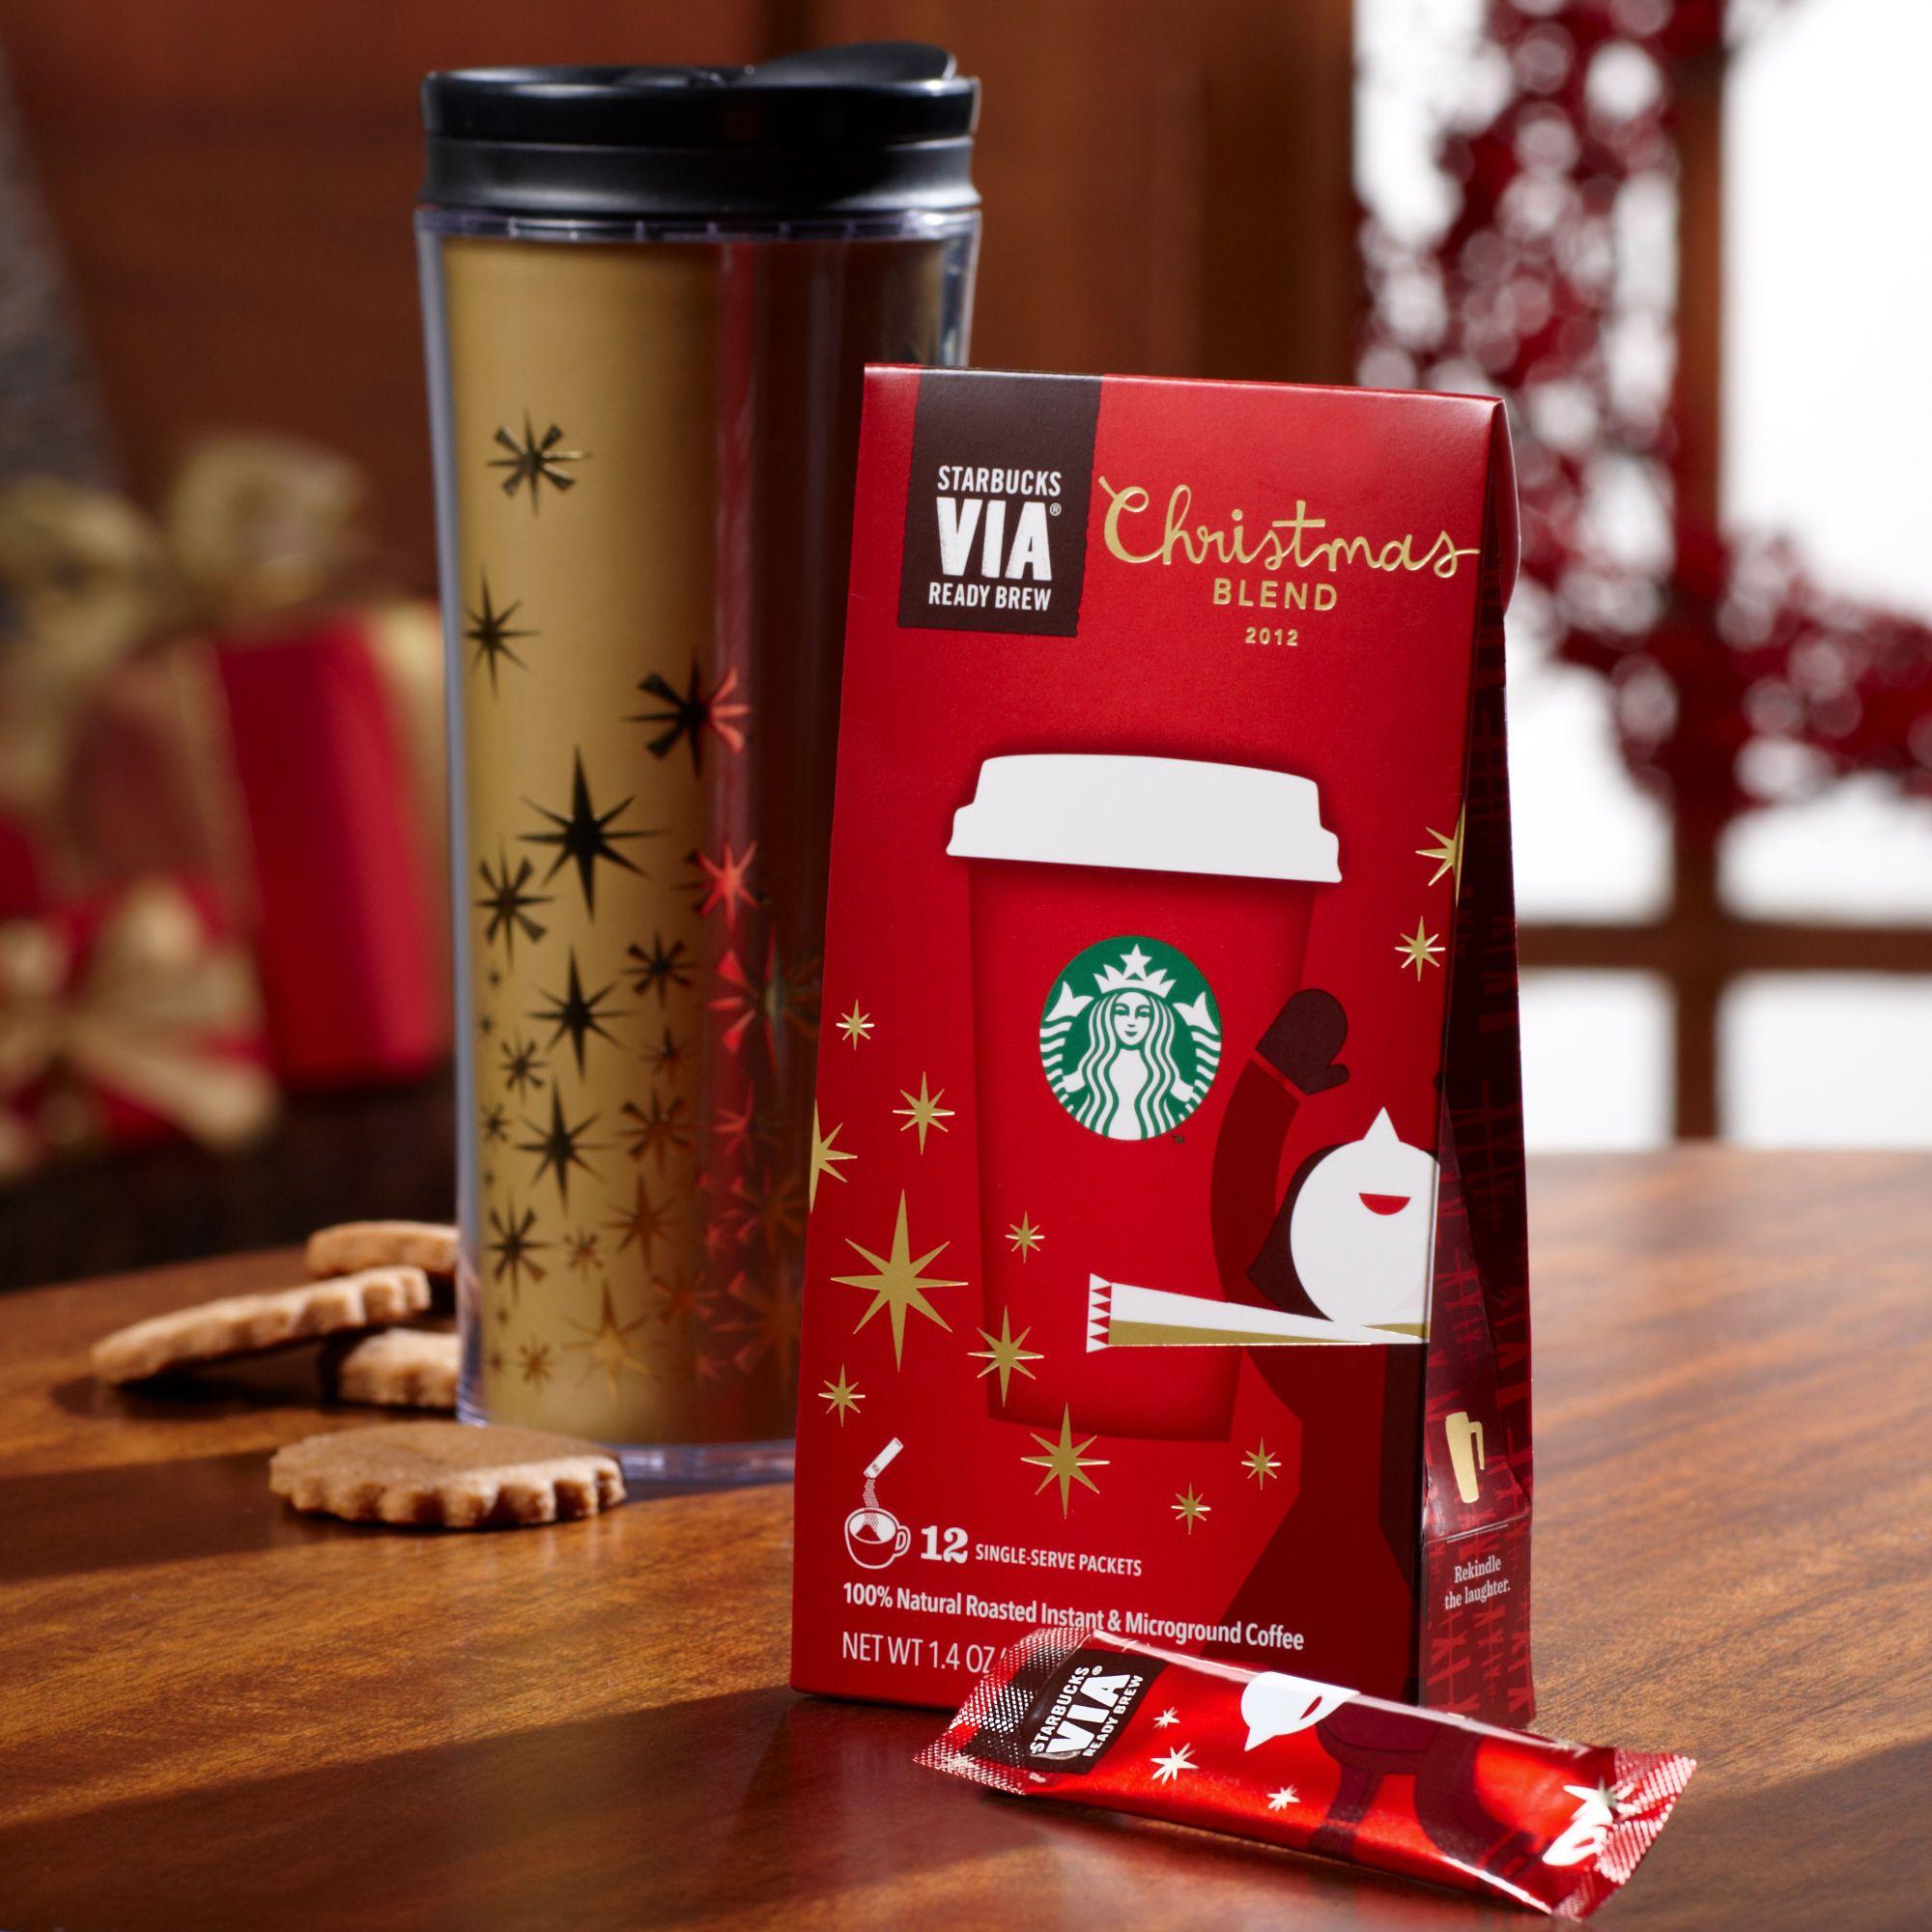 Starbucks VIA® Christmas Blend Starbucks christmas